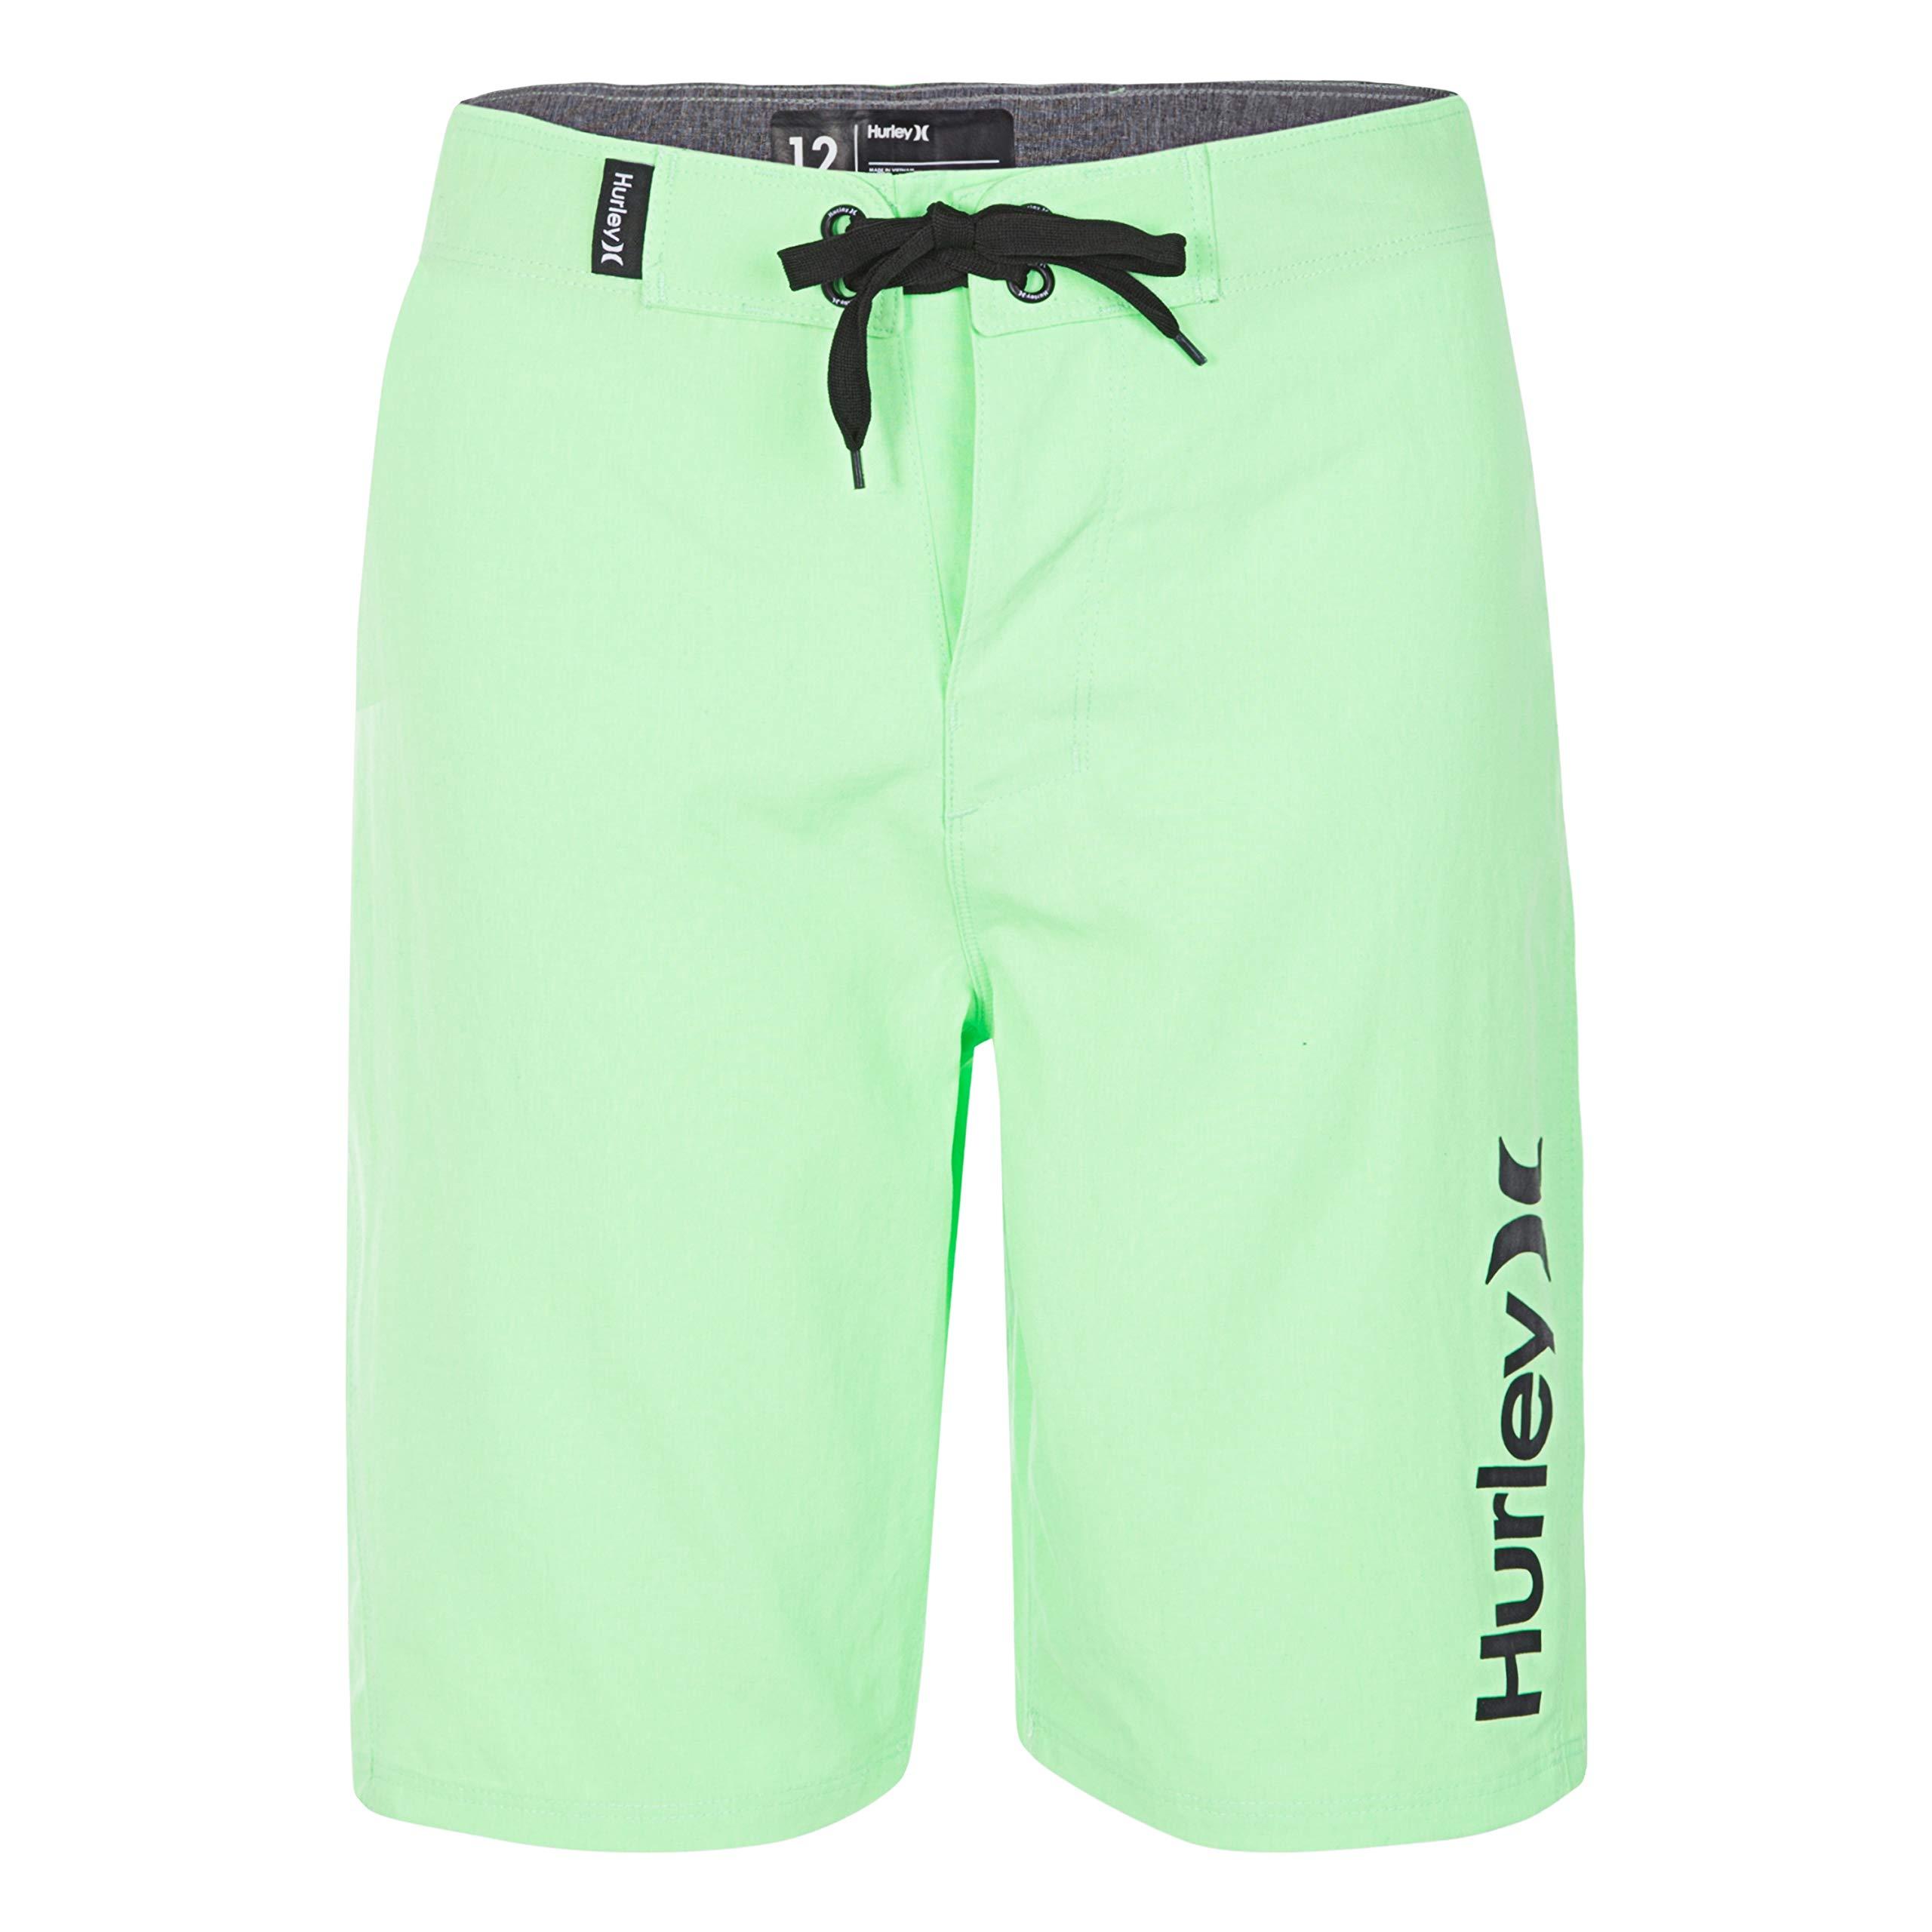 Hurley Big Boys' Board Shorts, Neon Green Heather, 16